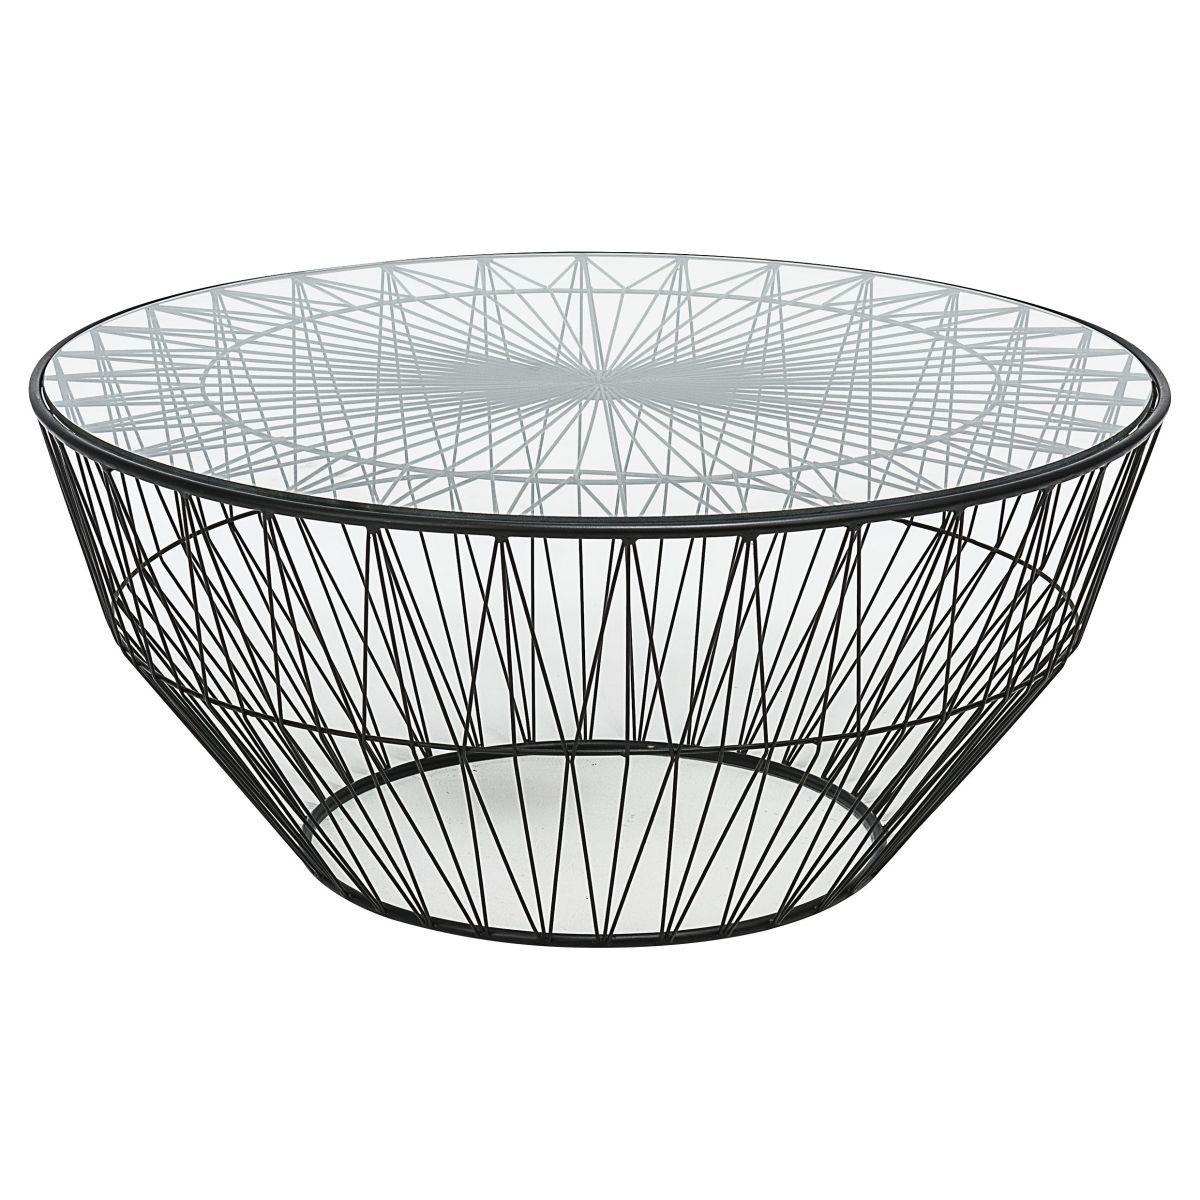 Couchtisch glas trapez designer esstische outlet best for Couchtisch designer outlet